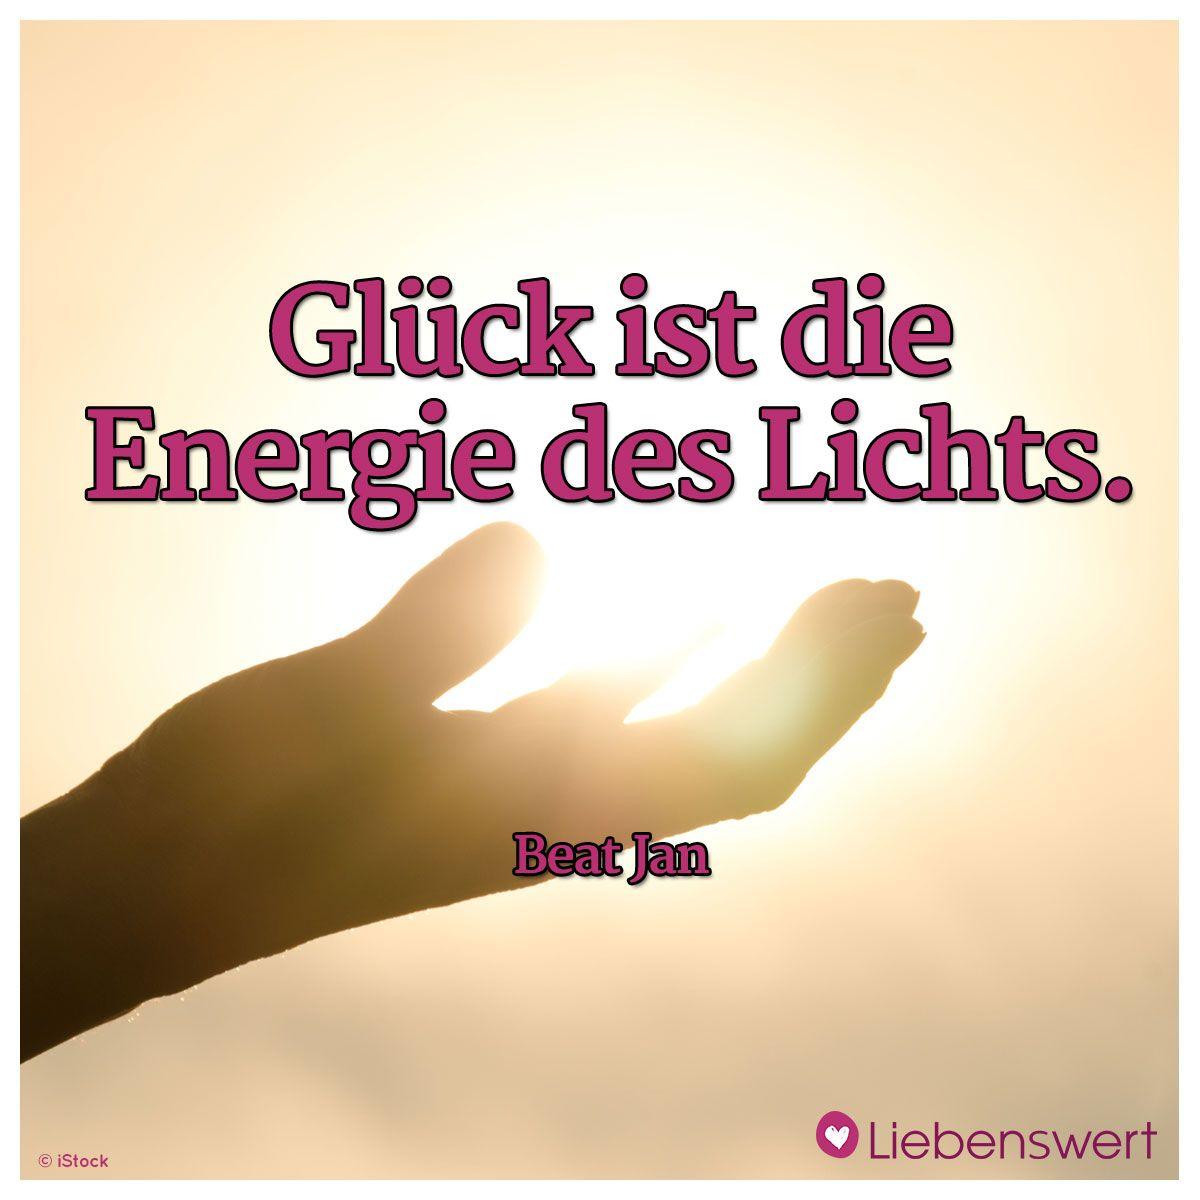 Impressive Sprüche über Das Glück Reference Of Glück Ist Die Energie Des Lichts. (beat